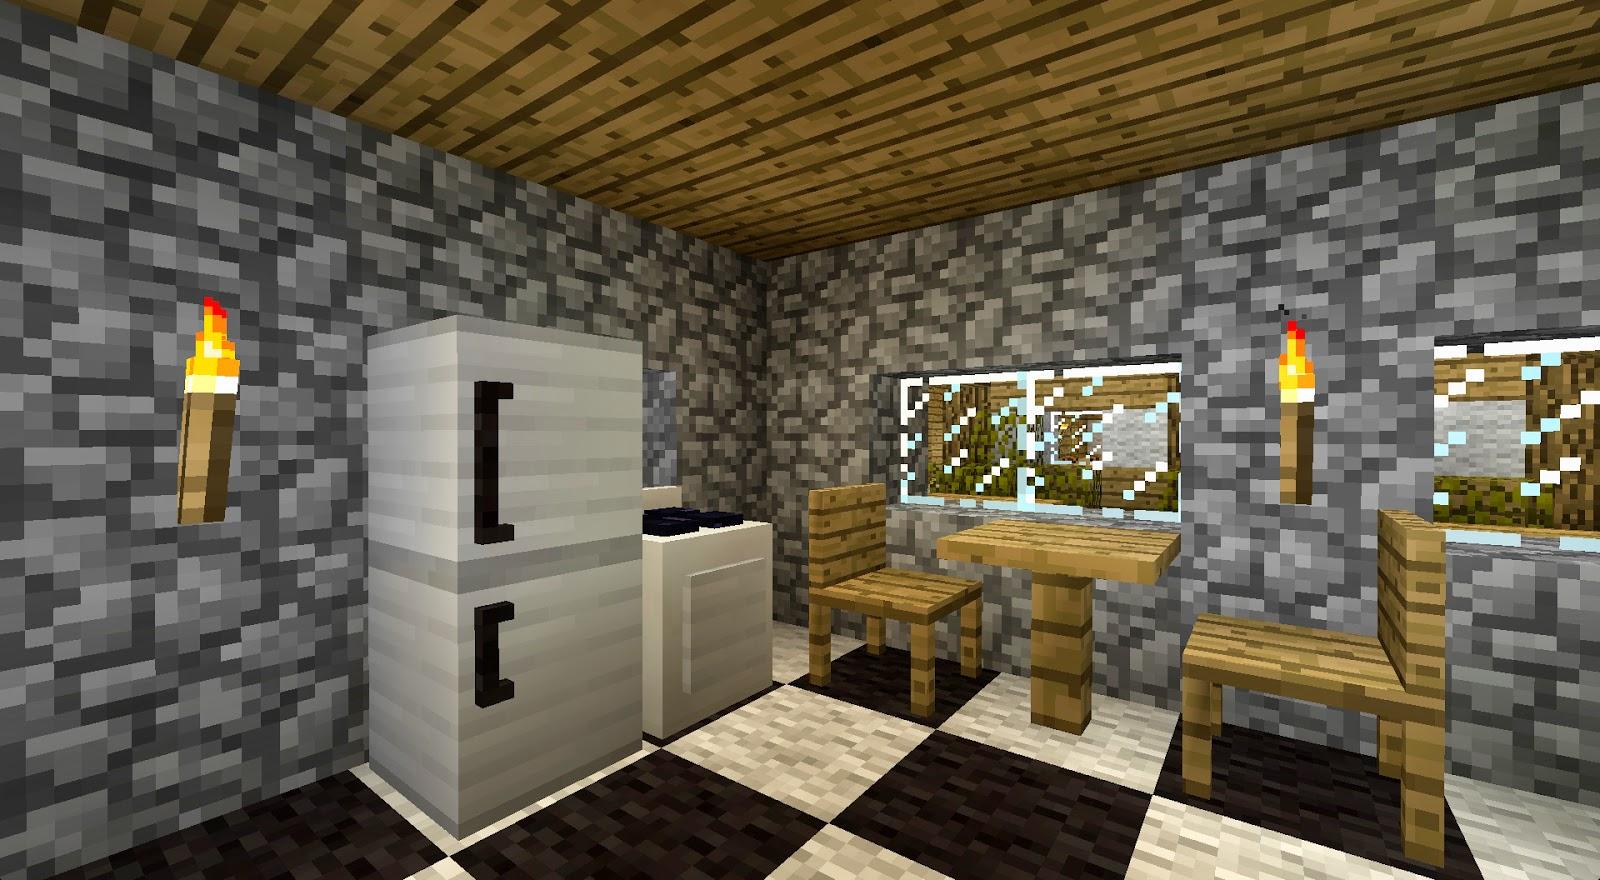 Küche Minecraft   Minecraft Küche Bauen Ps4